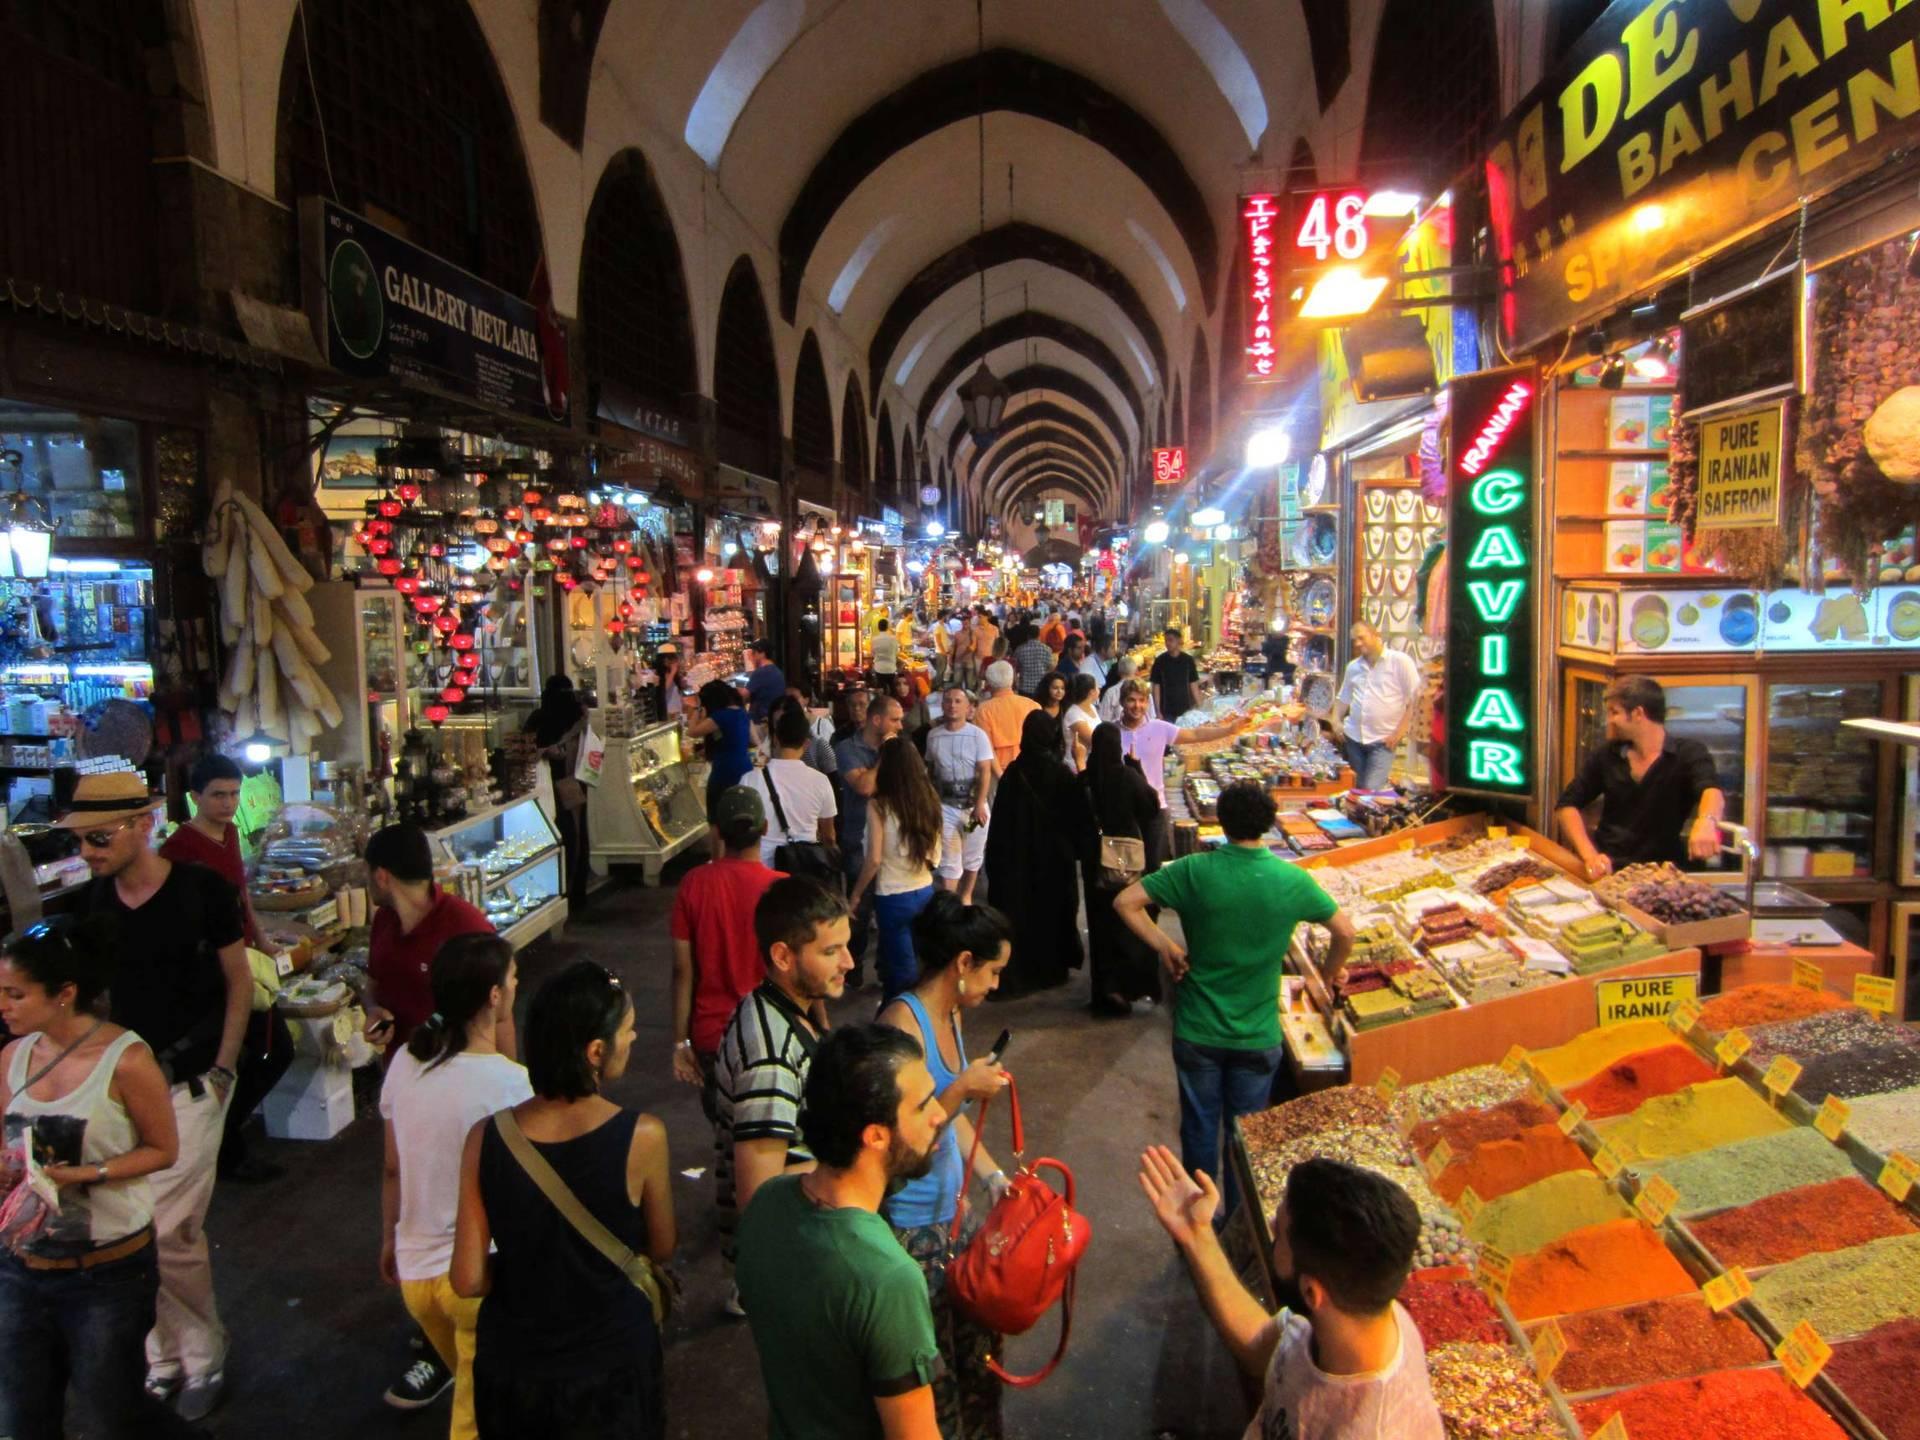 Гранд-базар в стамбуле - как добраться, что можно купить, часы работы - блог о путешествиях